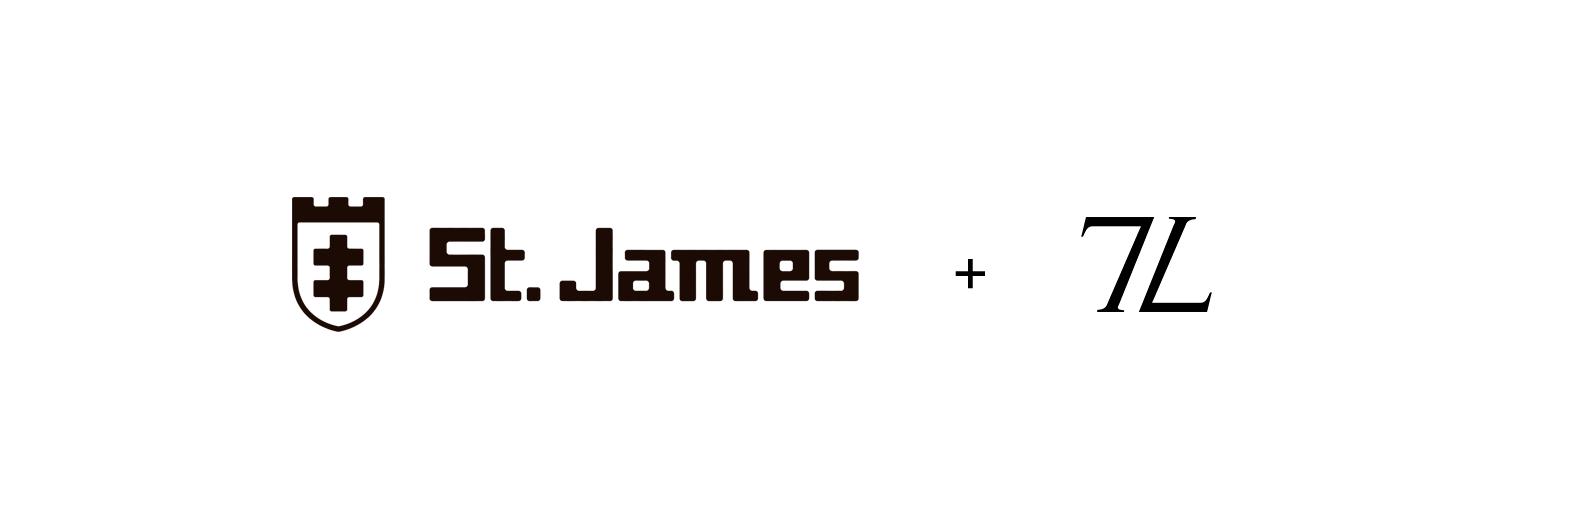 logo-st-james+sette7.png